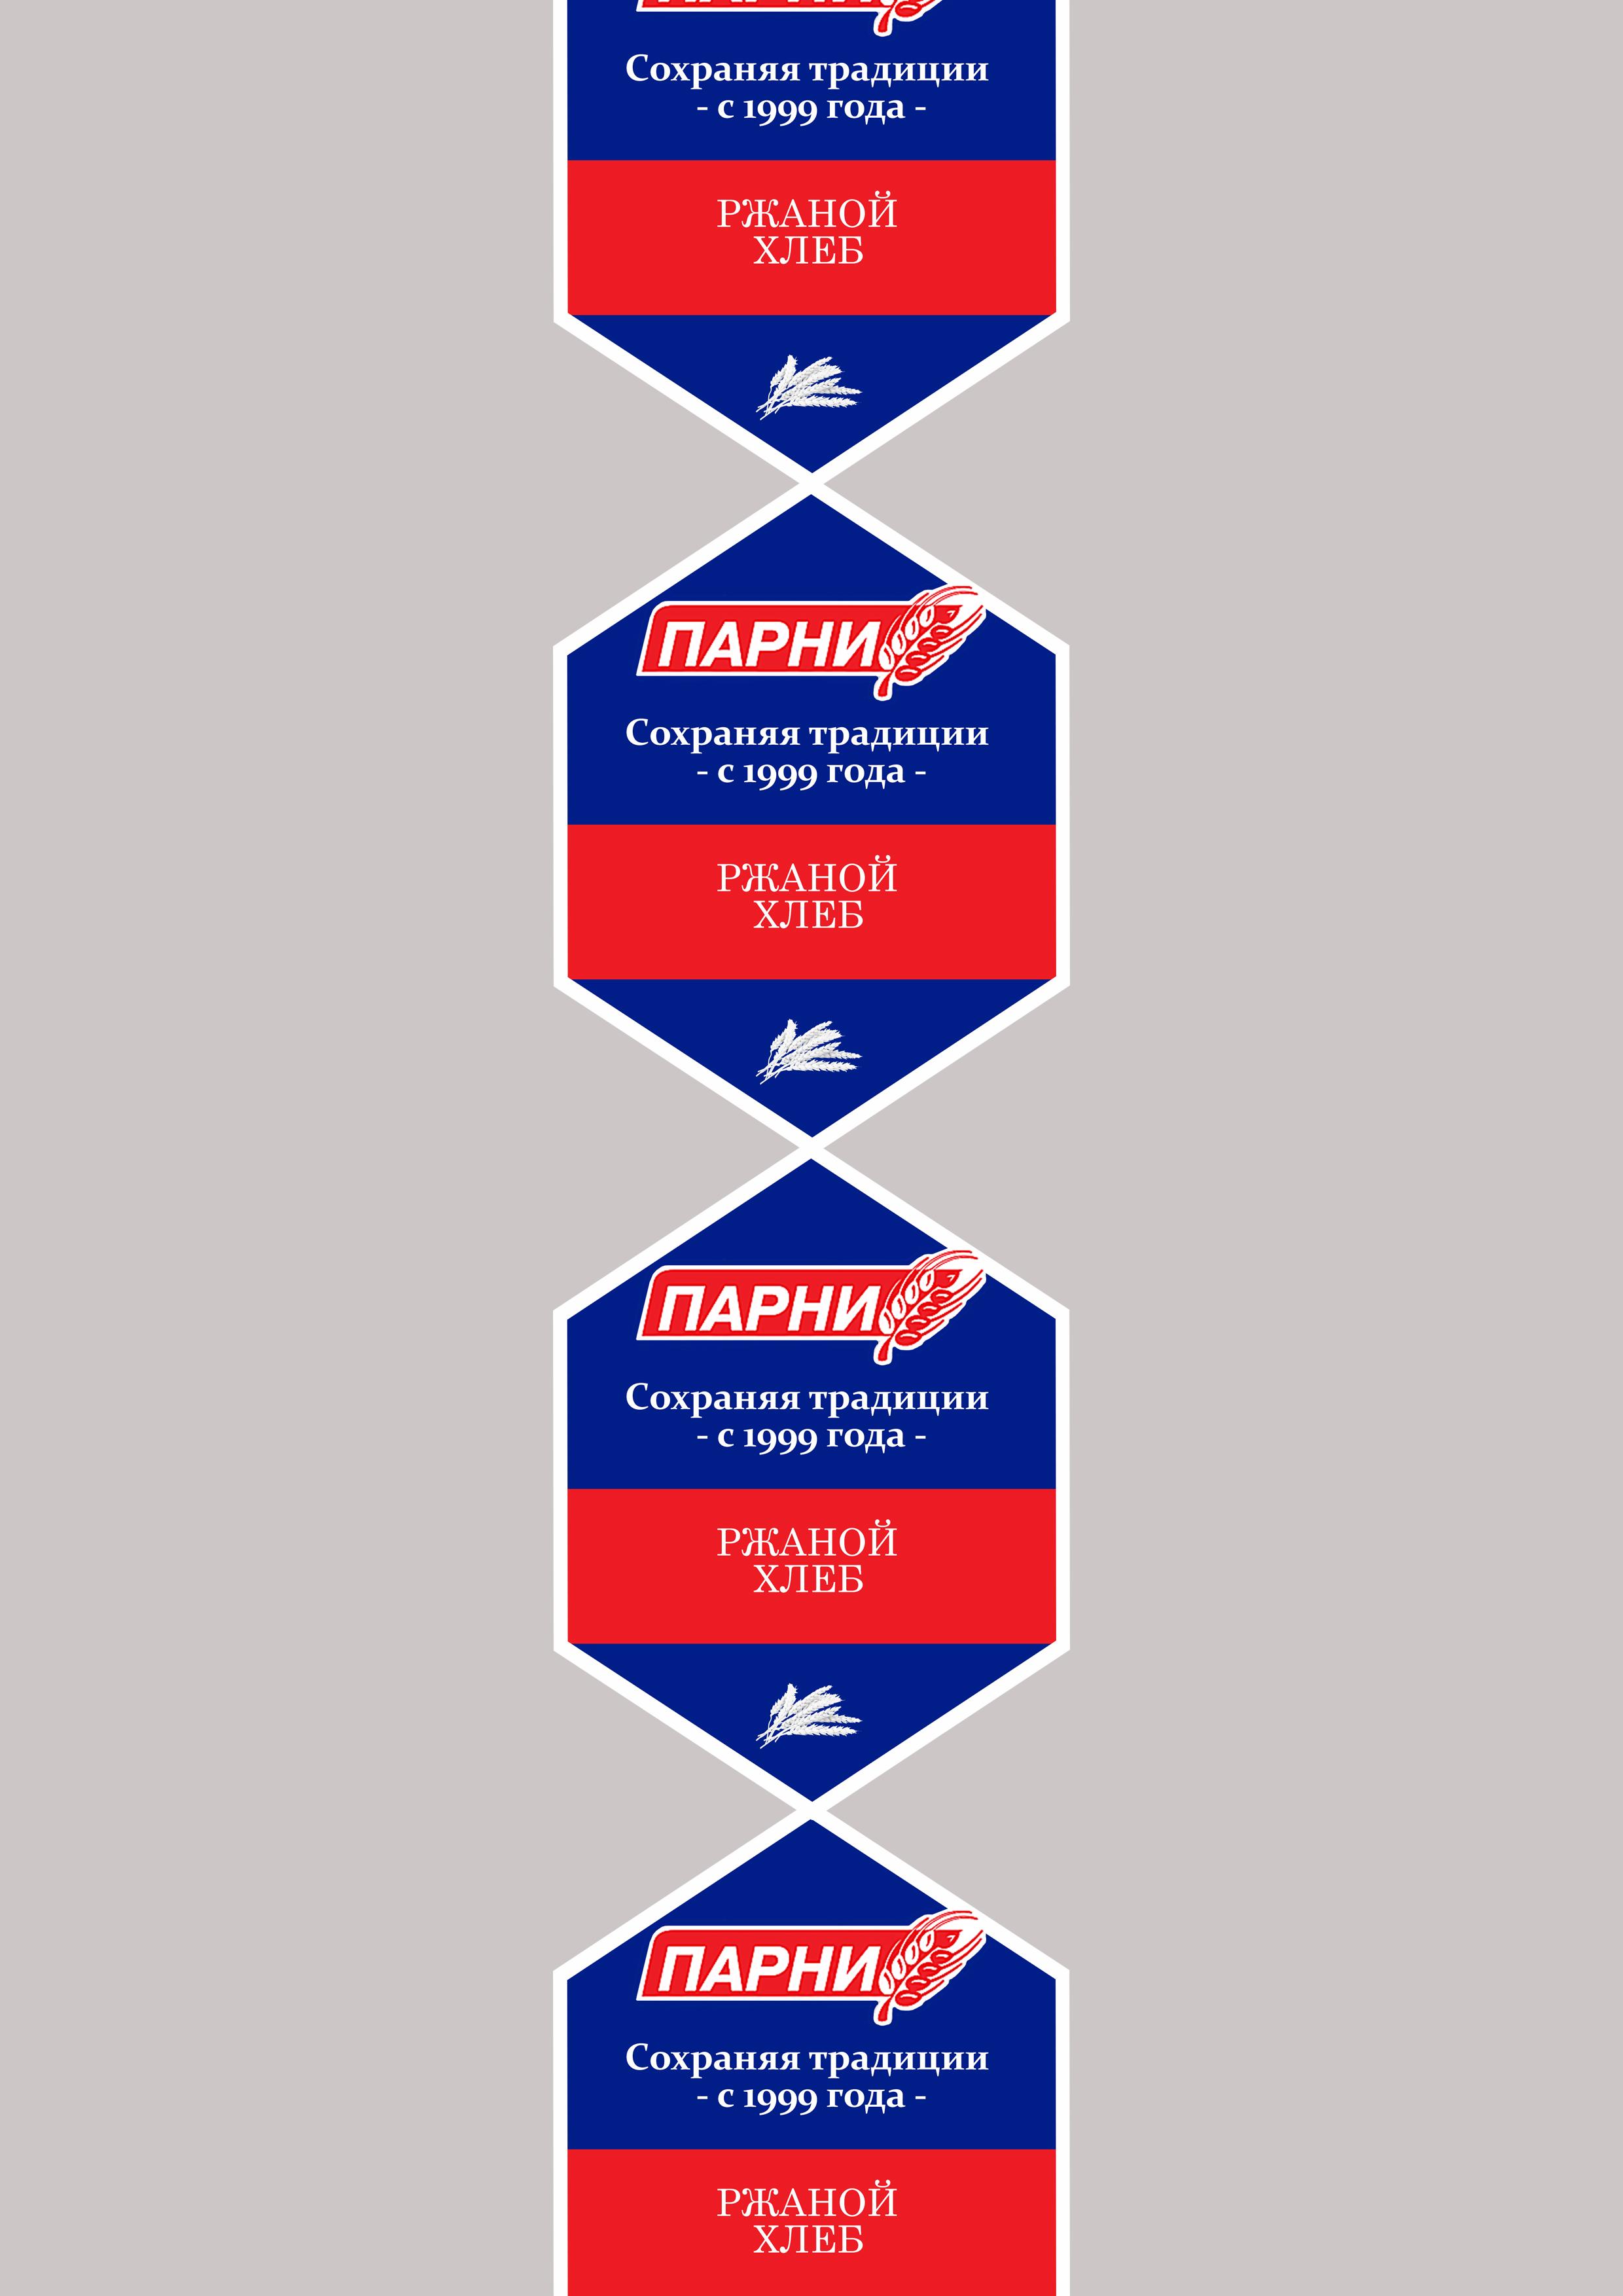 Дизайн упаковки для хлеба и батона фото f_2985d01559c6bdee.jpg